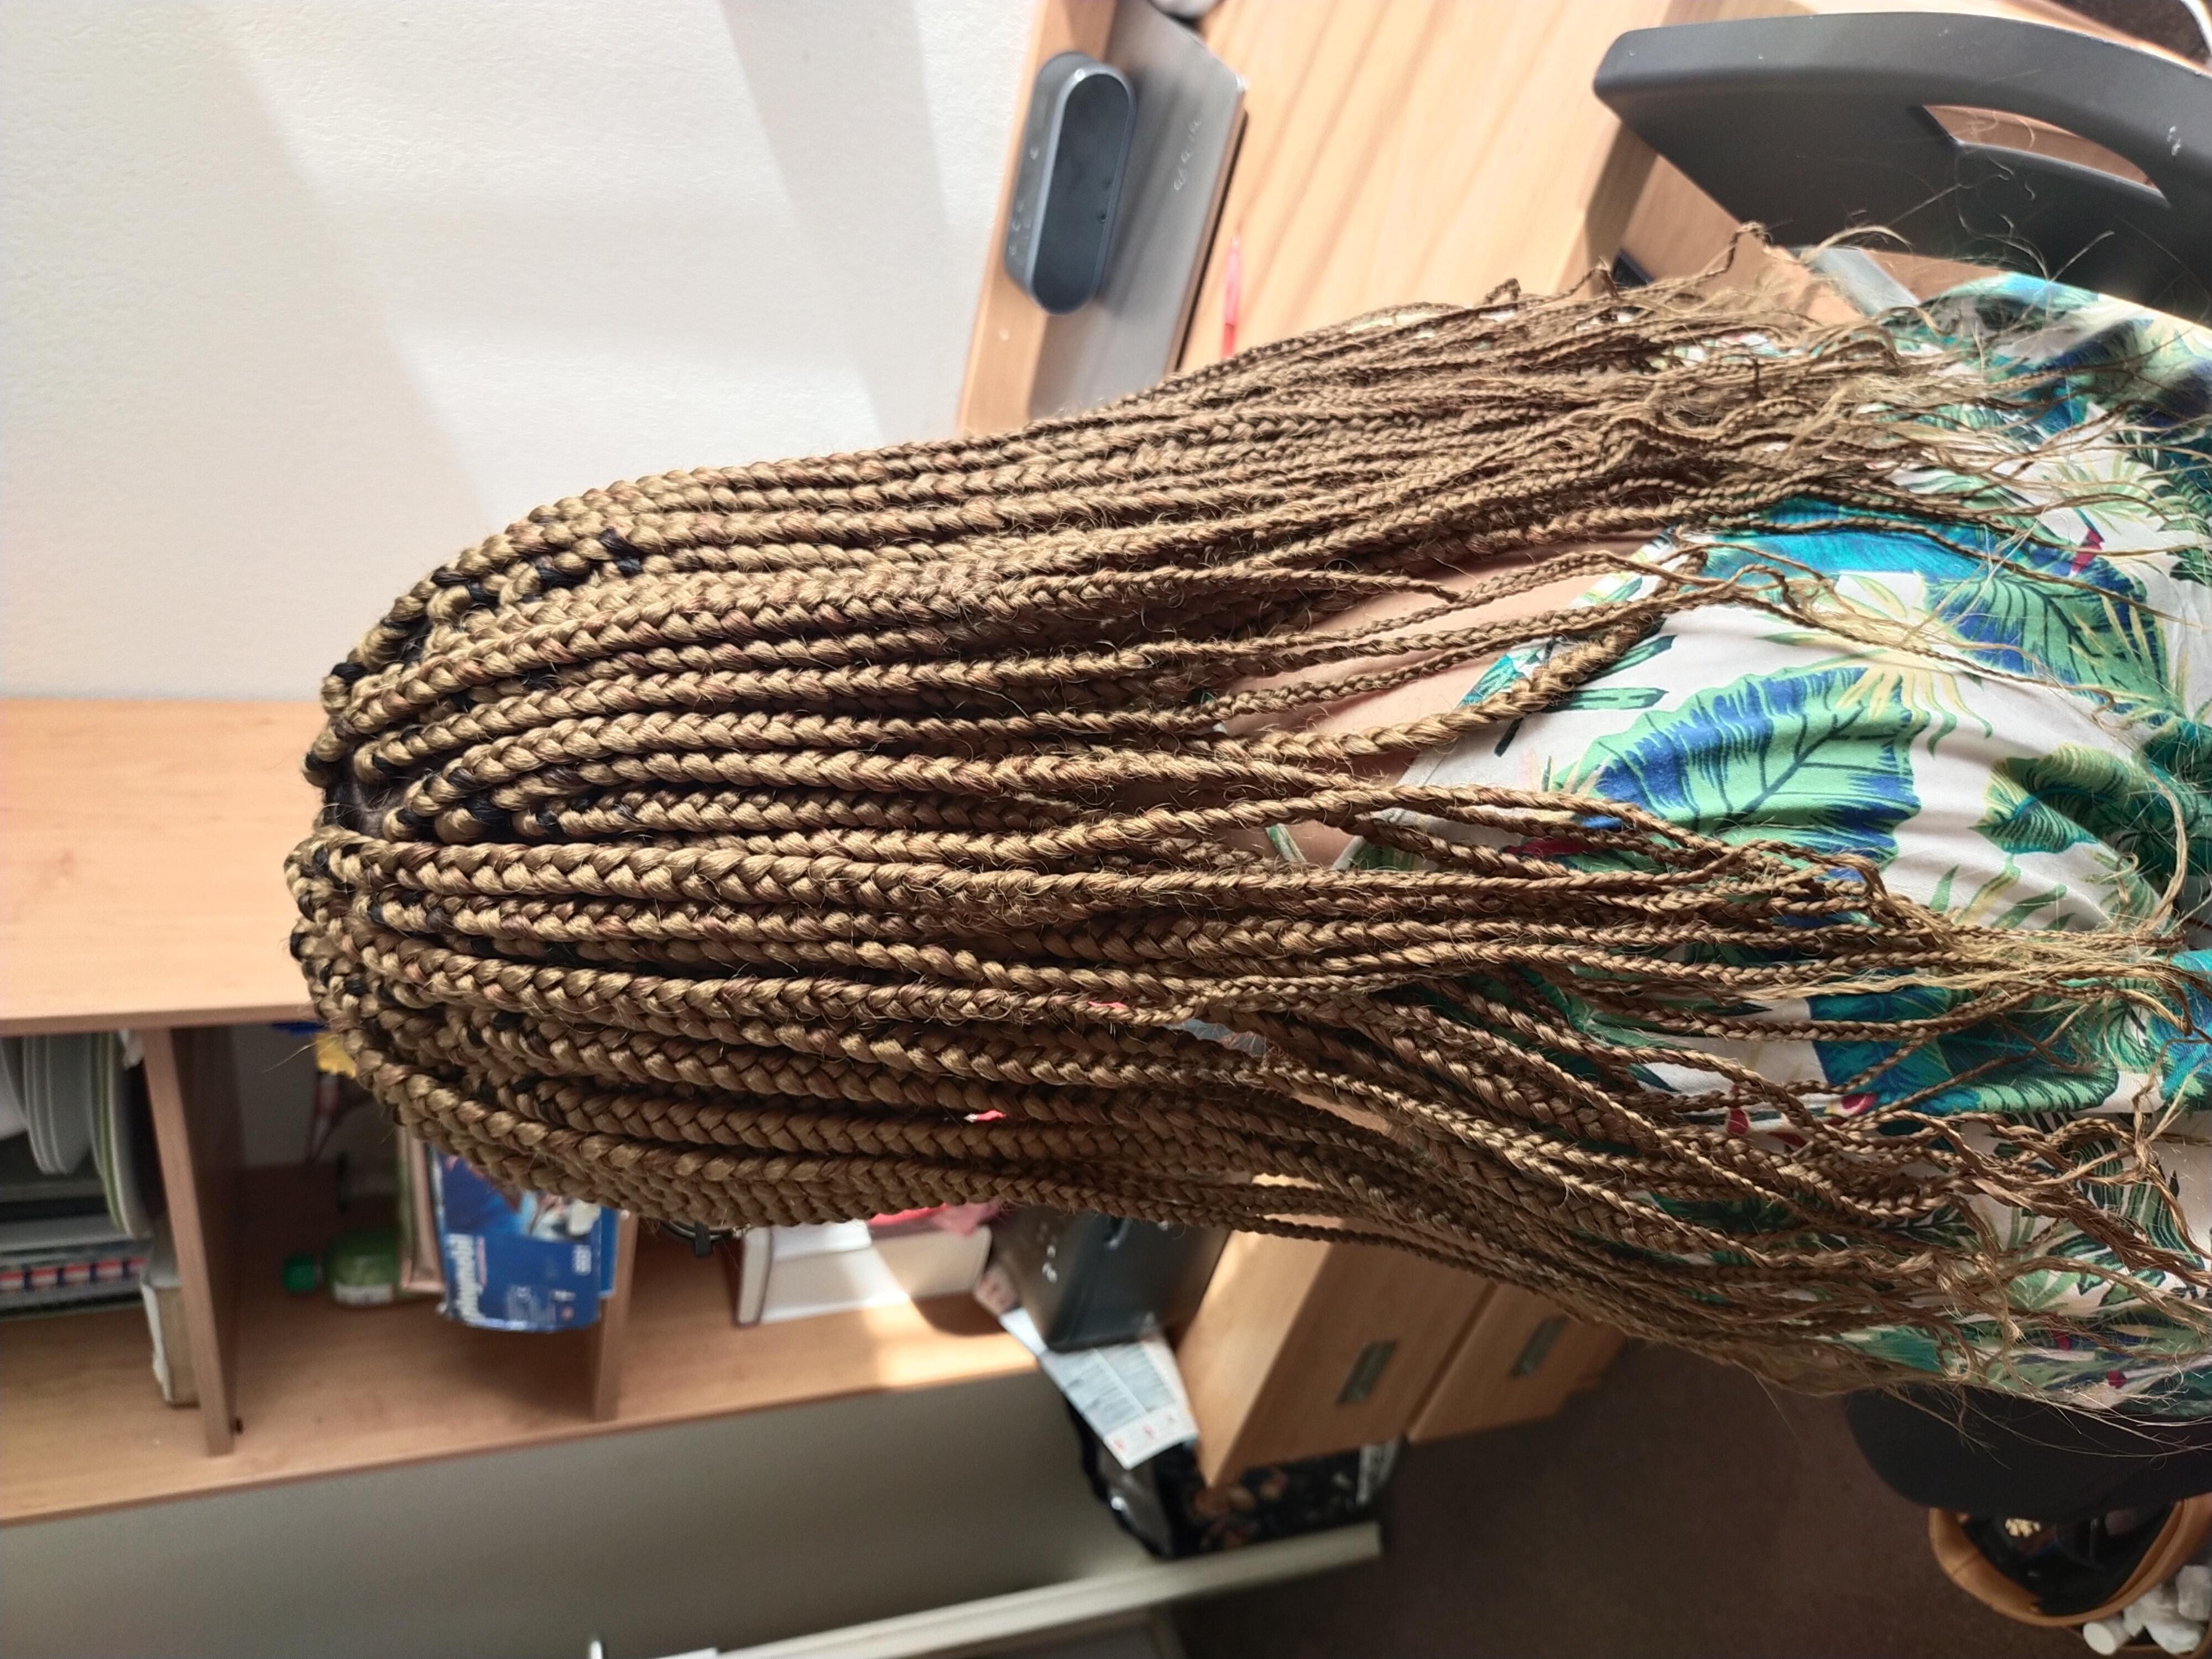 salon de coiffure afro tresse tresses box braids crochet braids vanilles tissages paris 75 77 78 91 92 93 94 95 FRJGSXWO